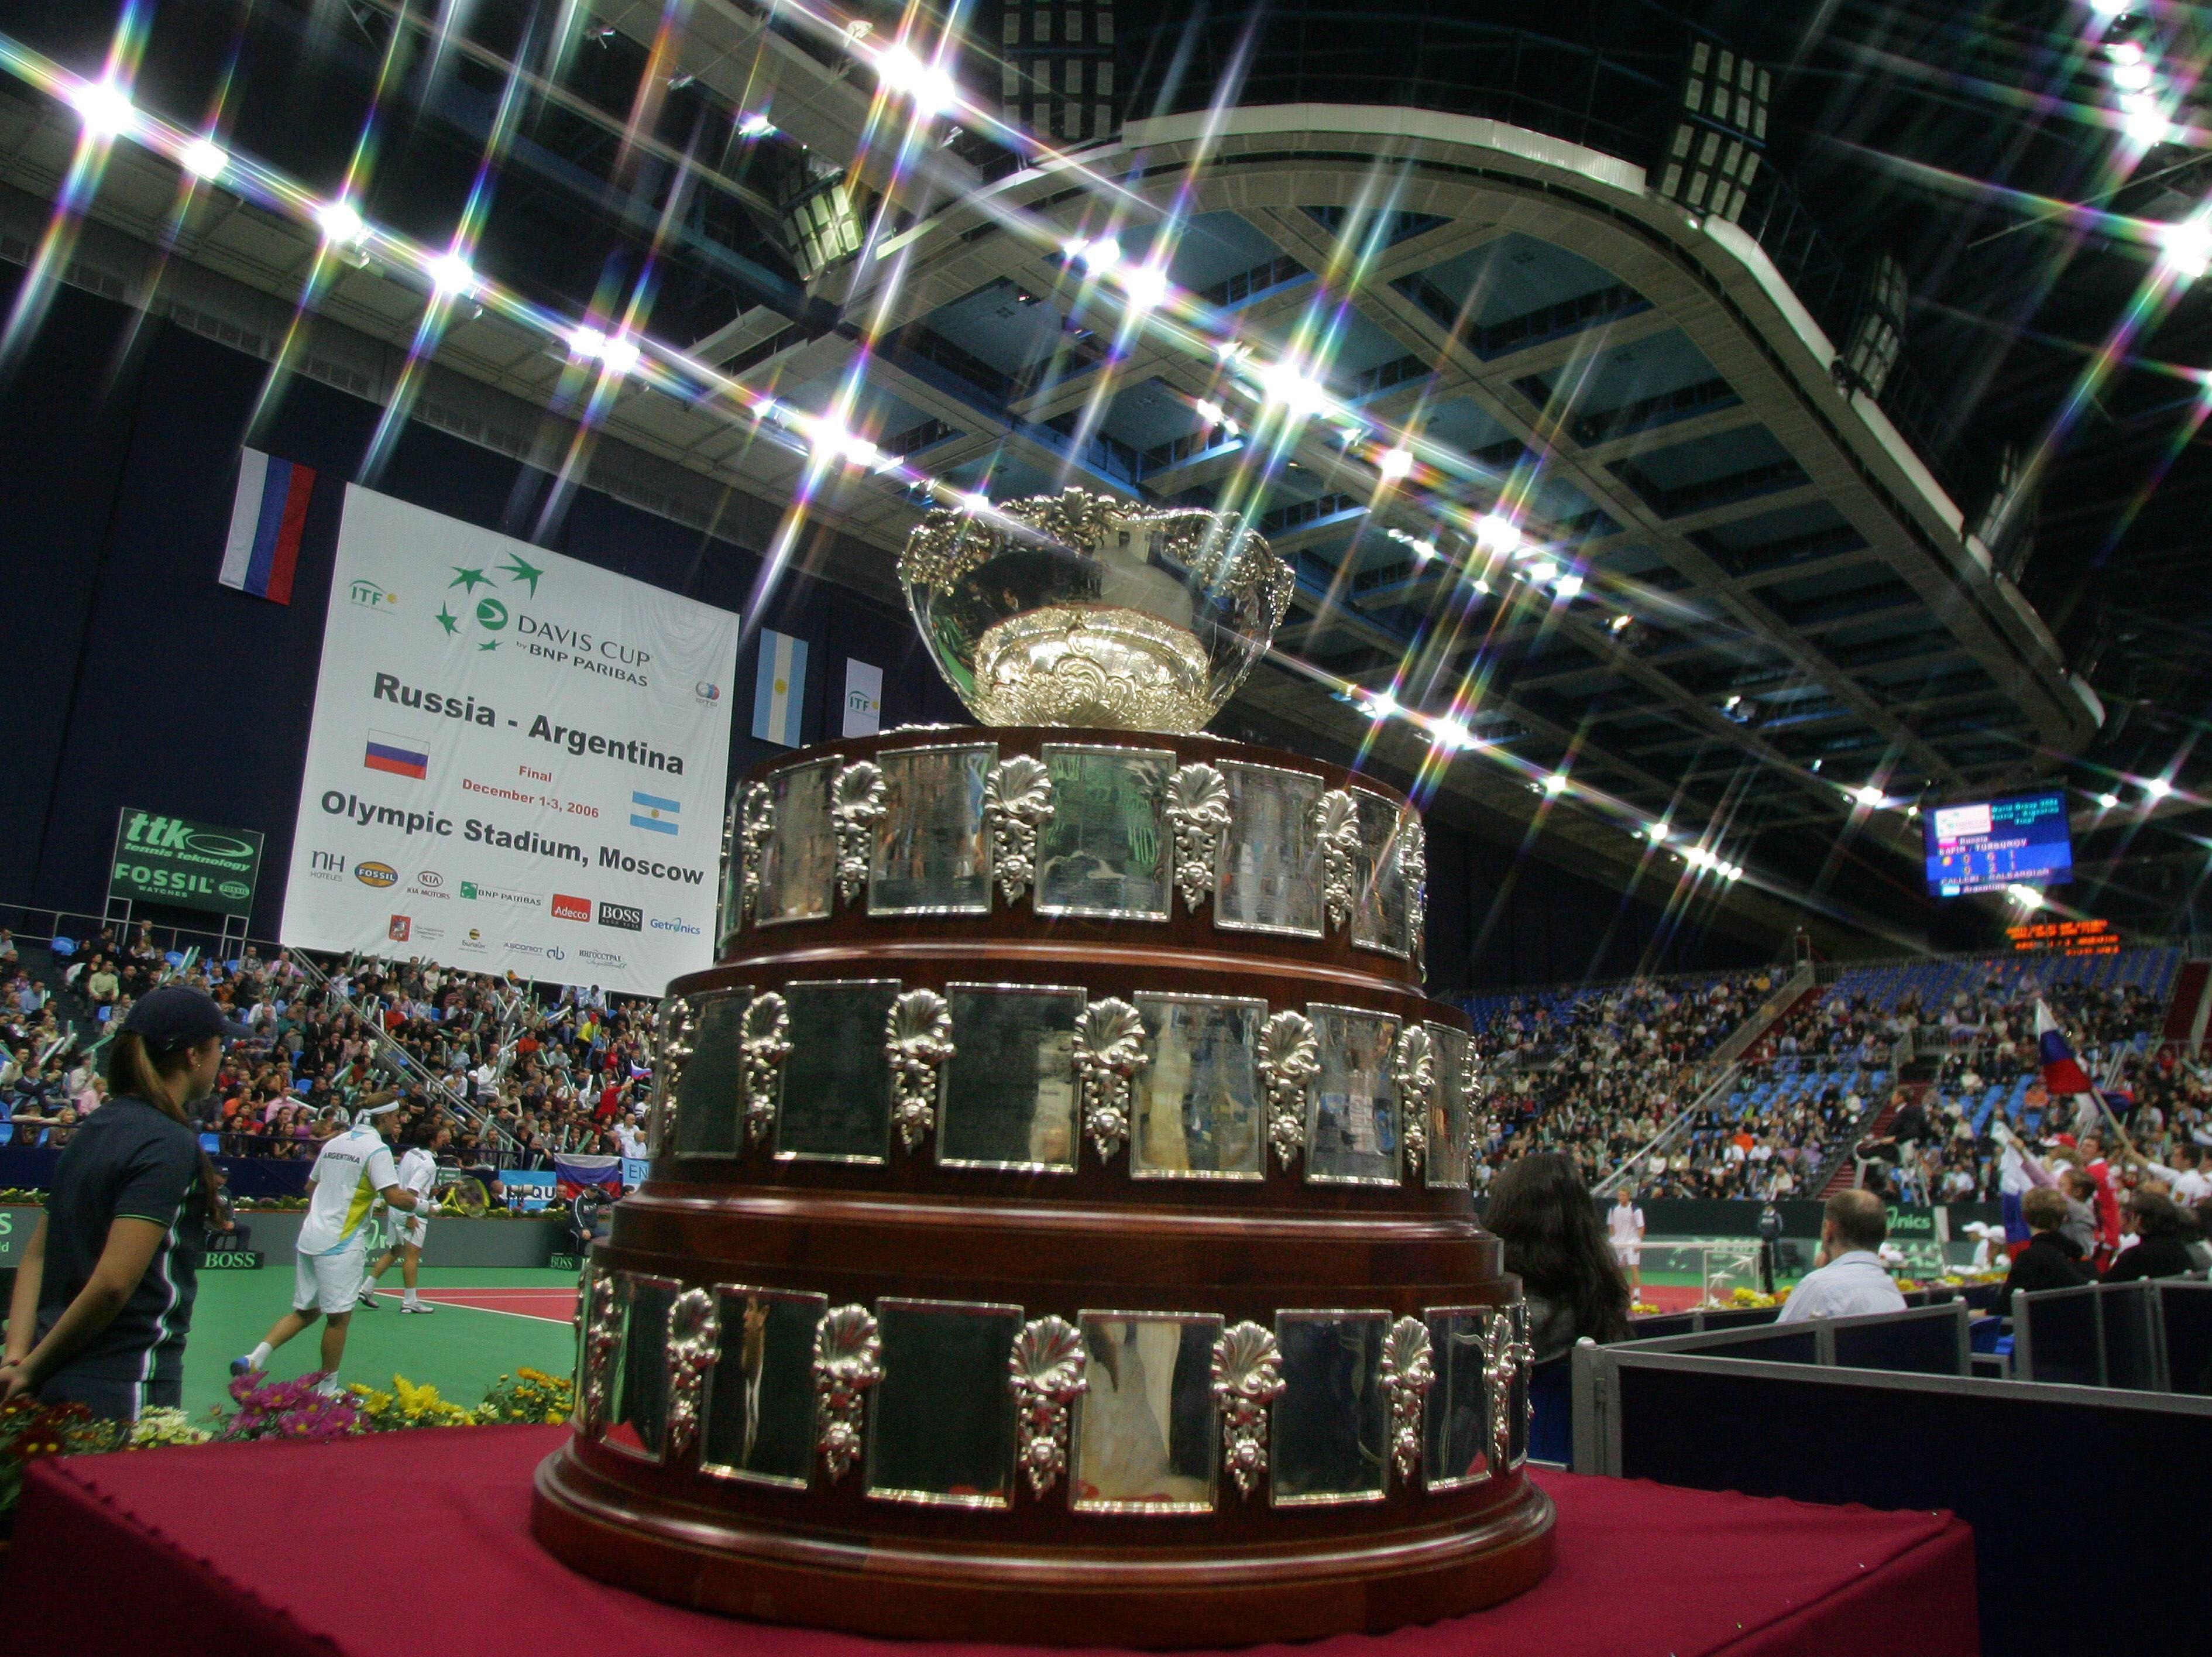 Tennis - Coupe Davis - Réforme de la Coupe Davis : l'ITF va trancher sur une réforme qui divise